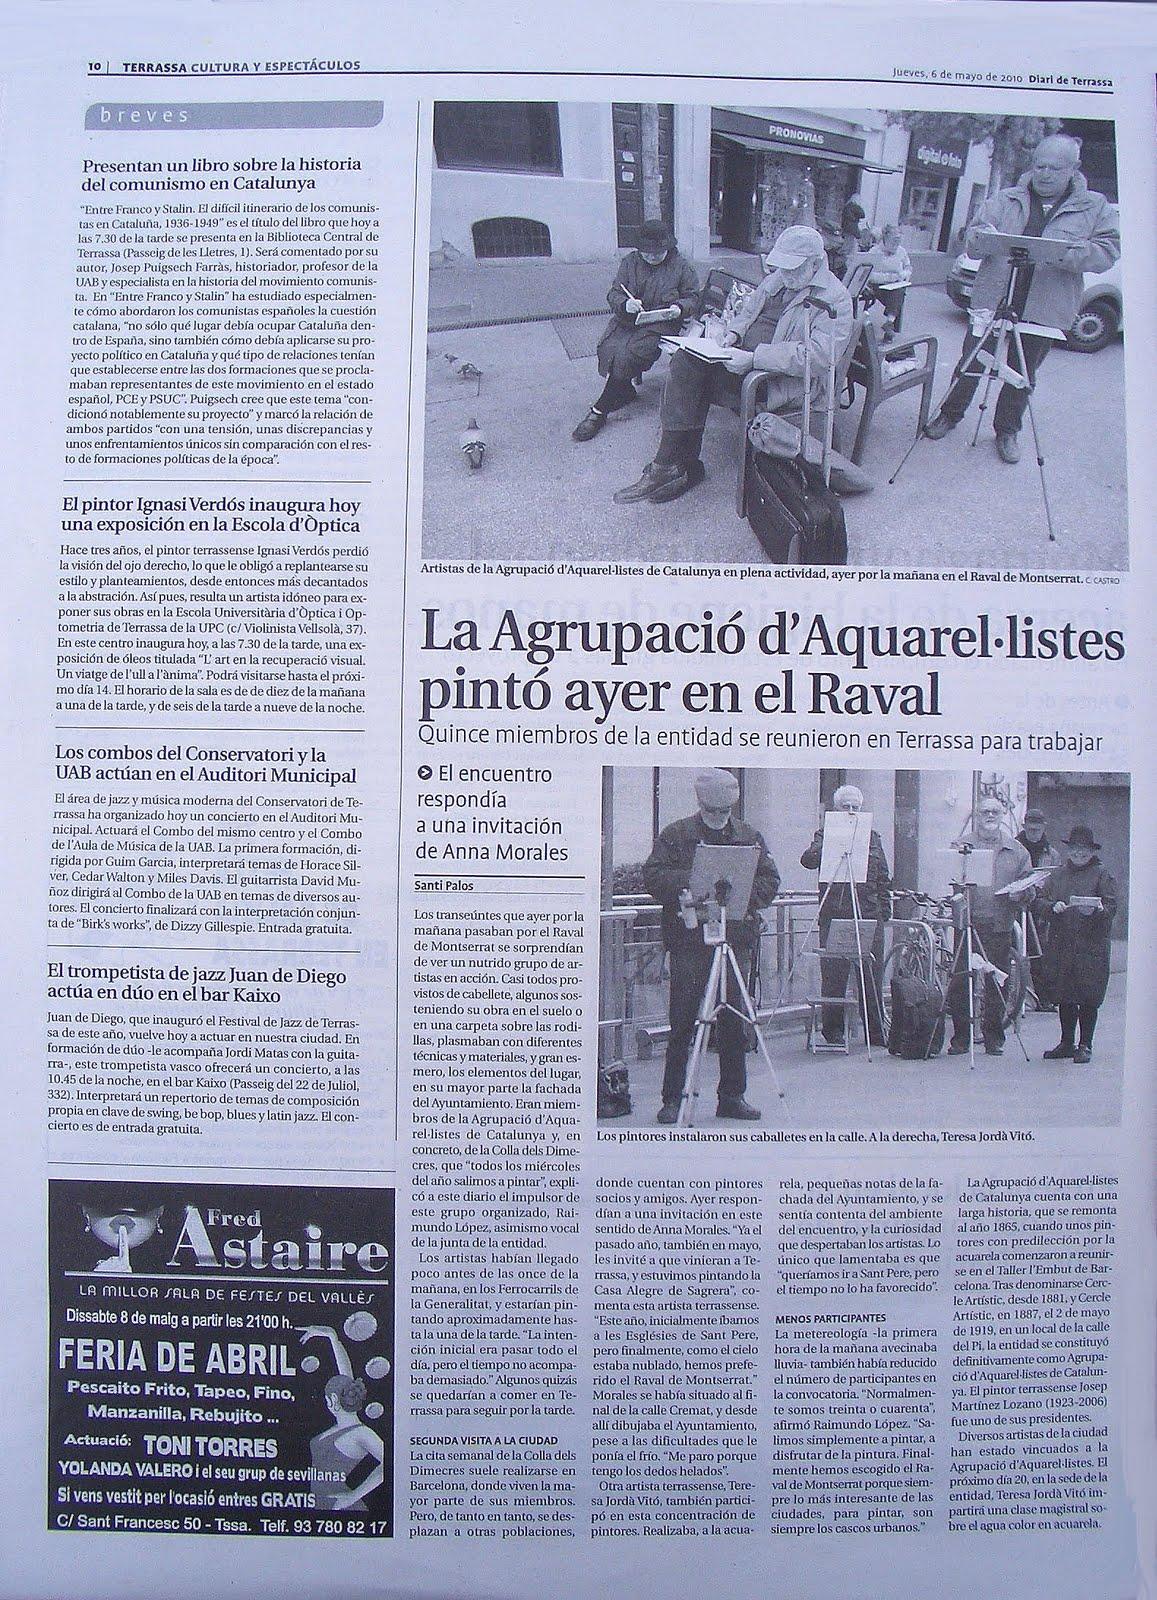 http://2.bp.blogspot.com/_koyH7g2BzSM/S-Z91MG9gRI/AAAAAAAAAD0/dmkoMZUpXQ4/s1600/diario+de+Terrassa+2.jpg